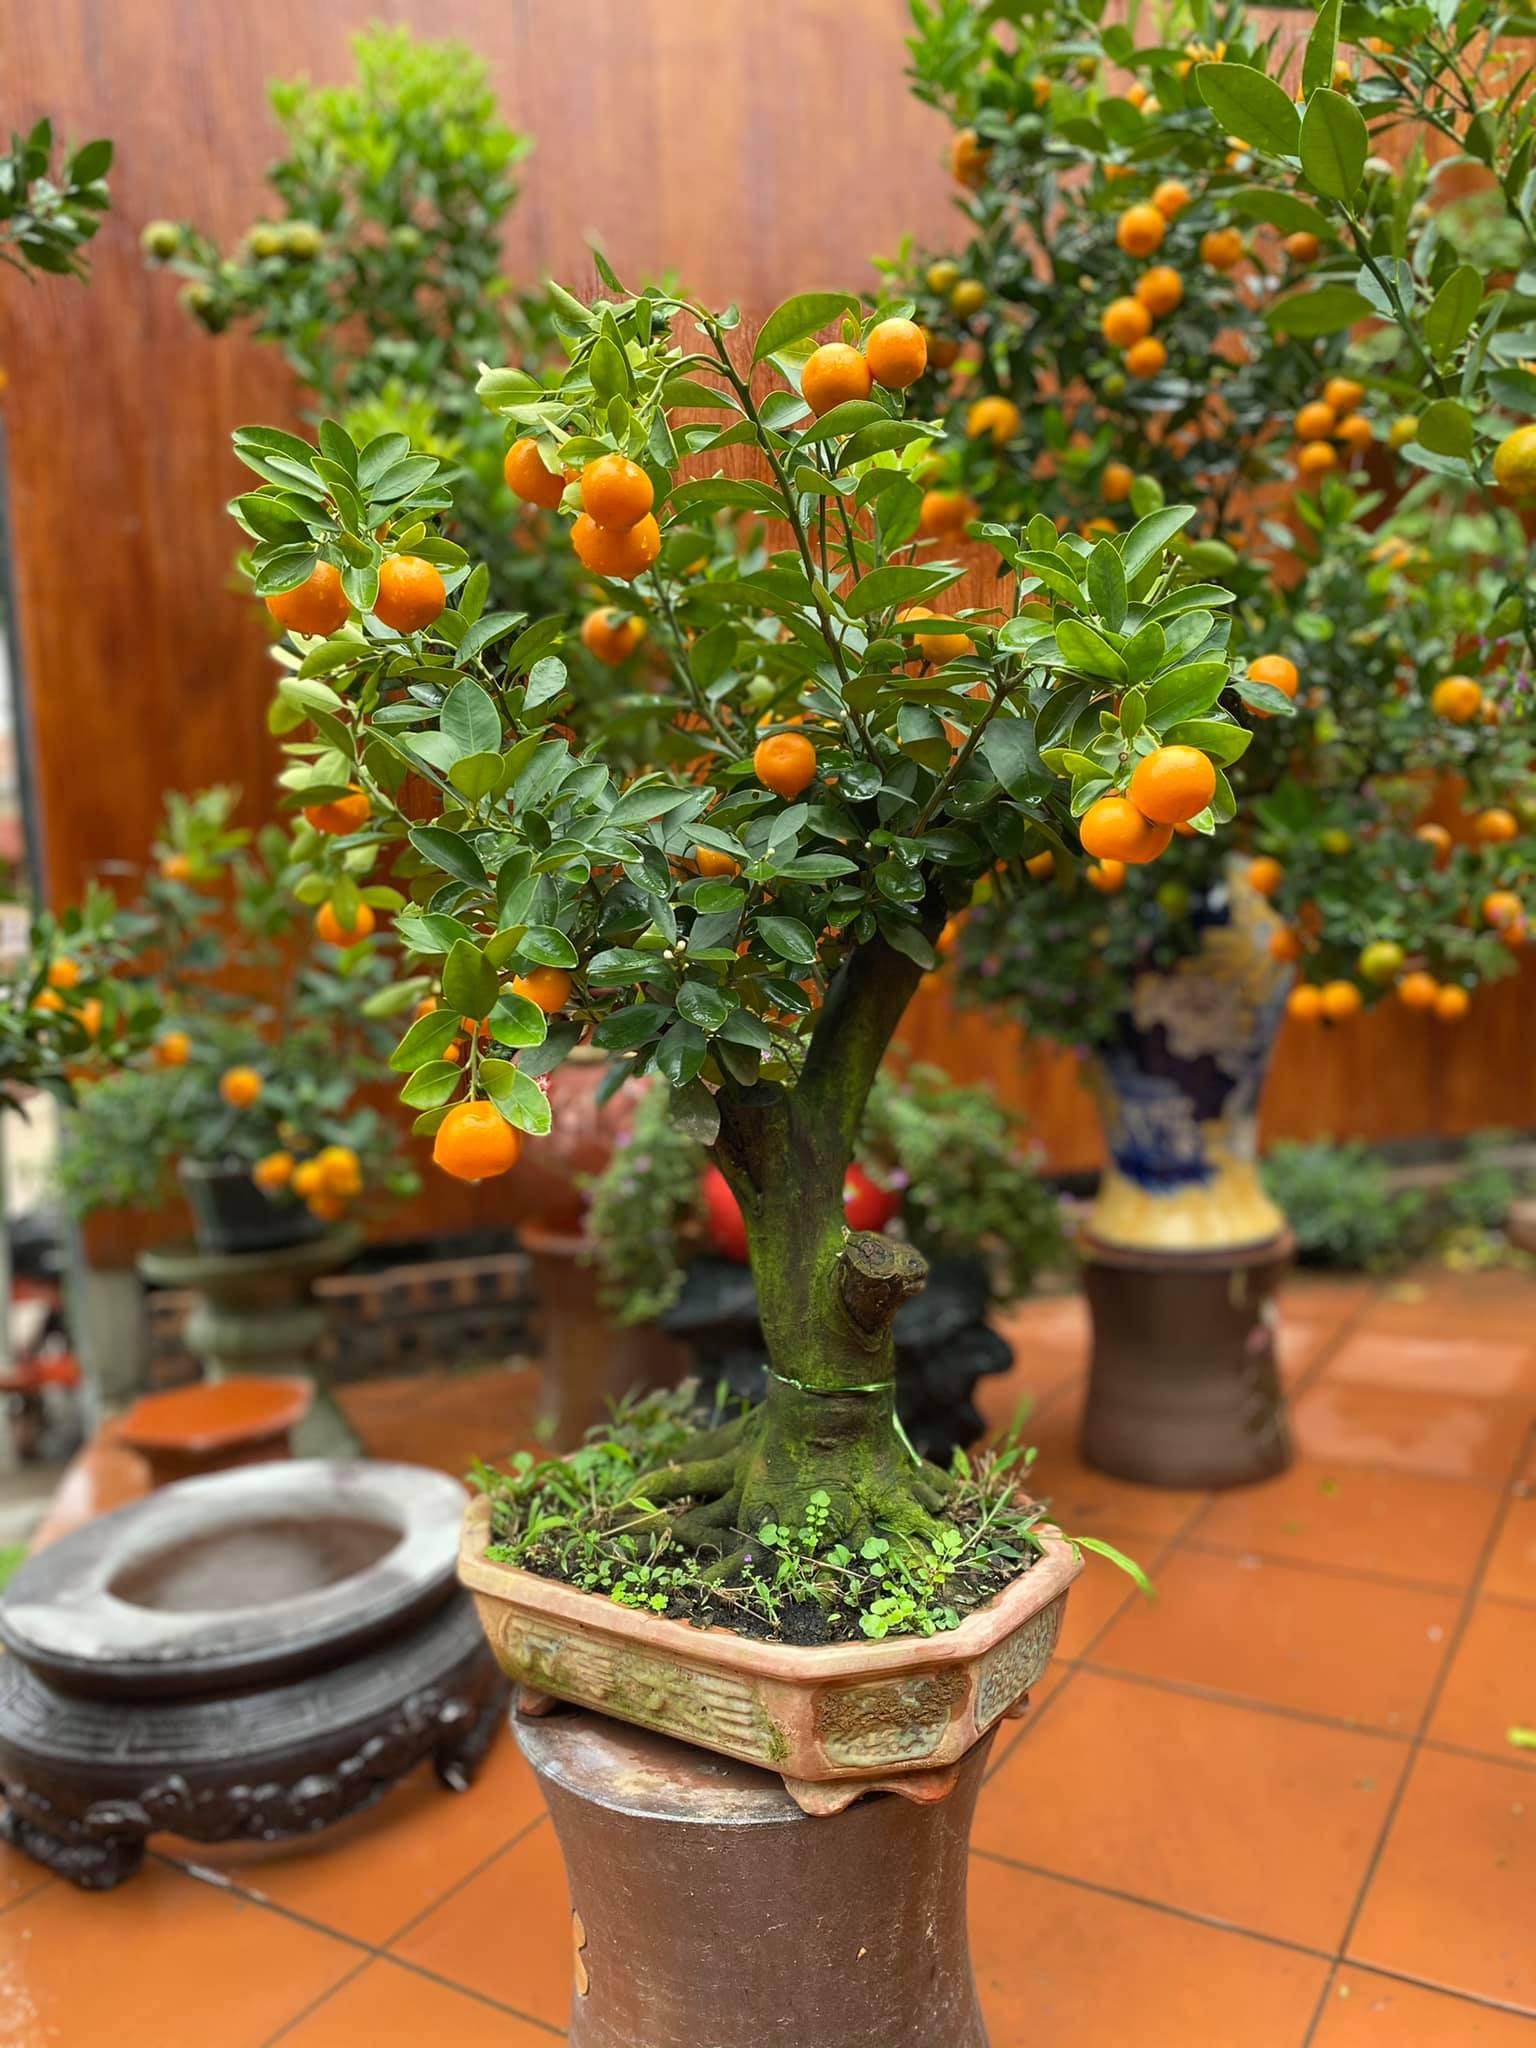 Tết Tân Sửu: Quất bonsai mini, vừa túi tiền dễ bán, dễ mua, dễ trưng bày đắt khách như tôm tươi - Ảnh 6.